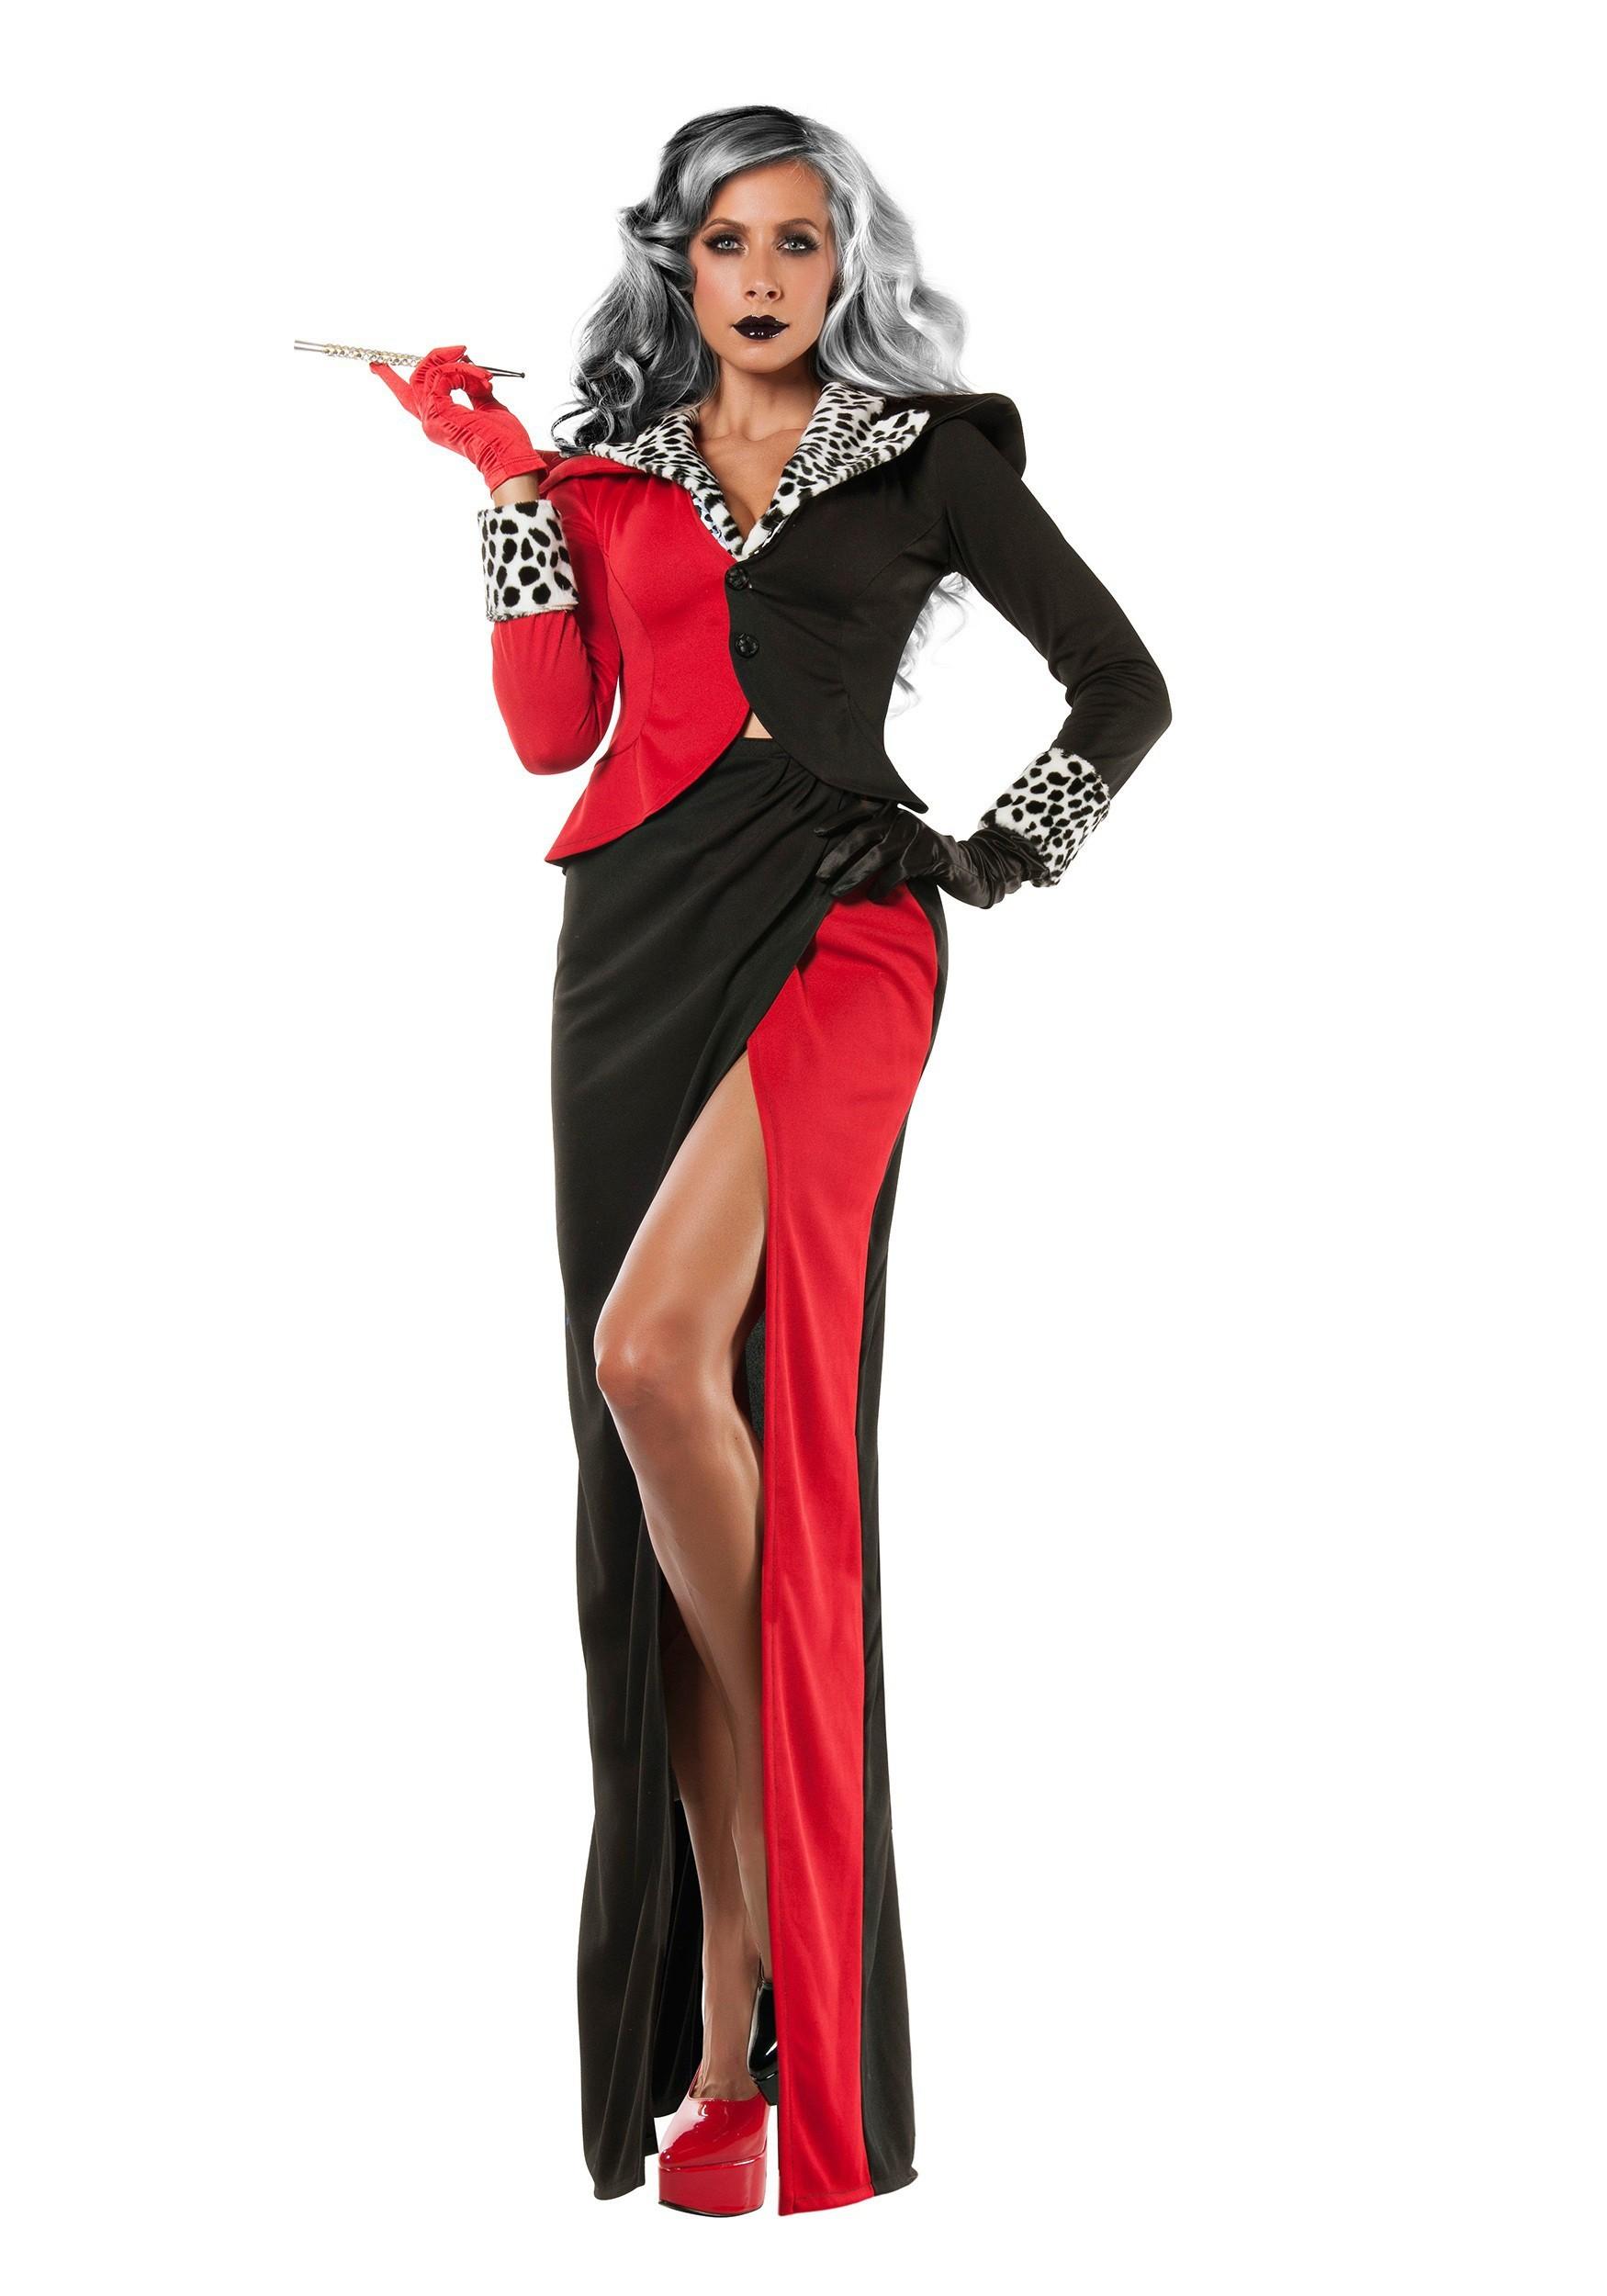 Womens plus size cruella devil costume womens plus size cruella devil costume solutioingenieria Image collections